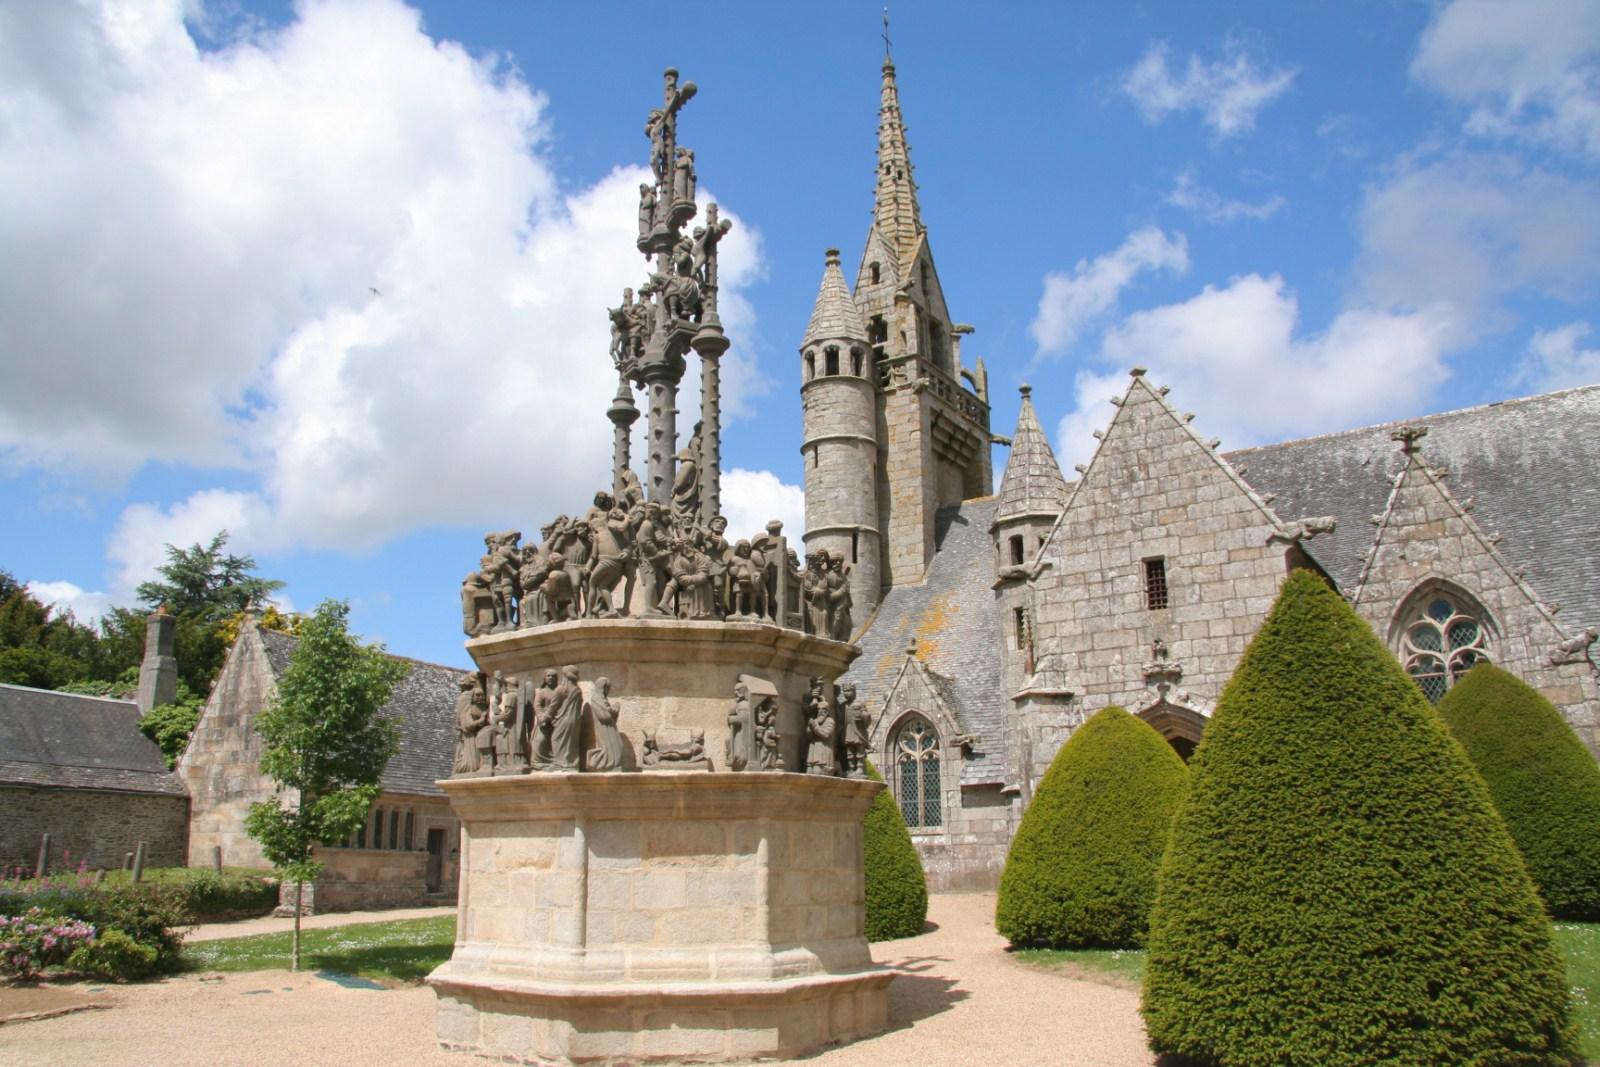 Pleyben, Saint-Thégonnec, Guimiliau les enclos paroissiaux du Finistère